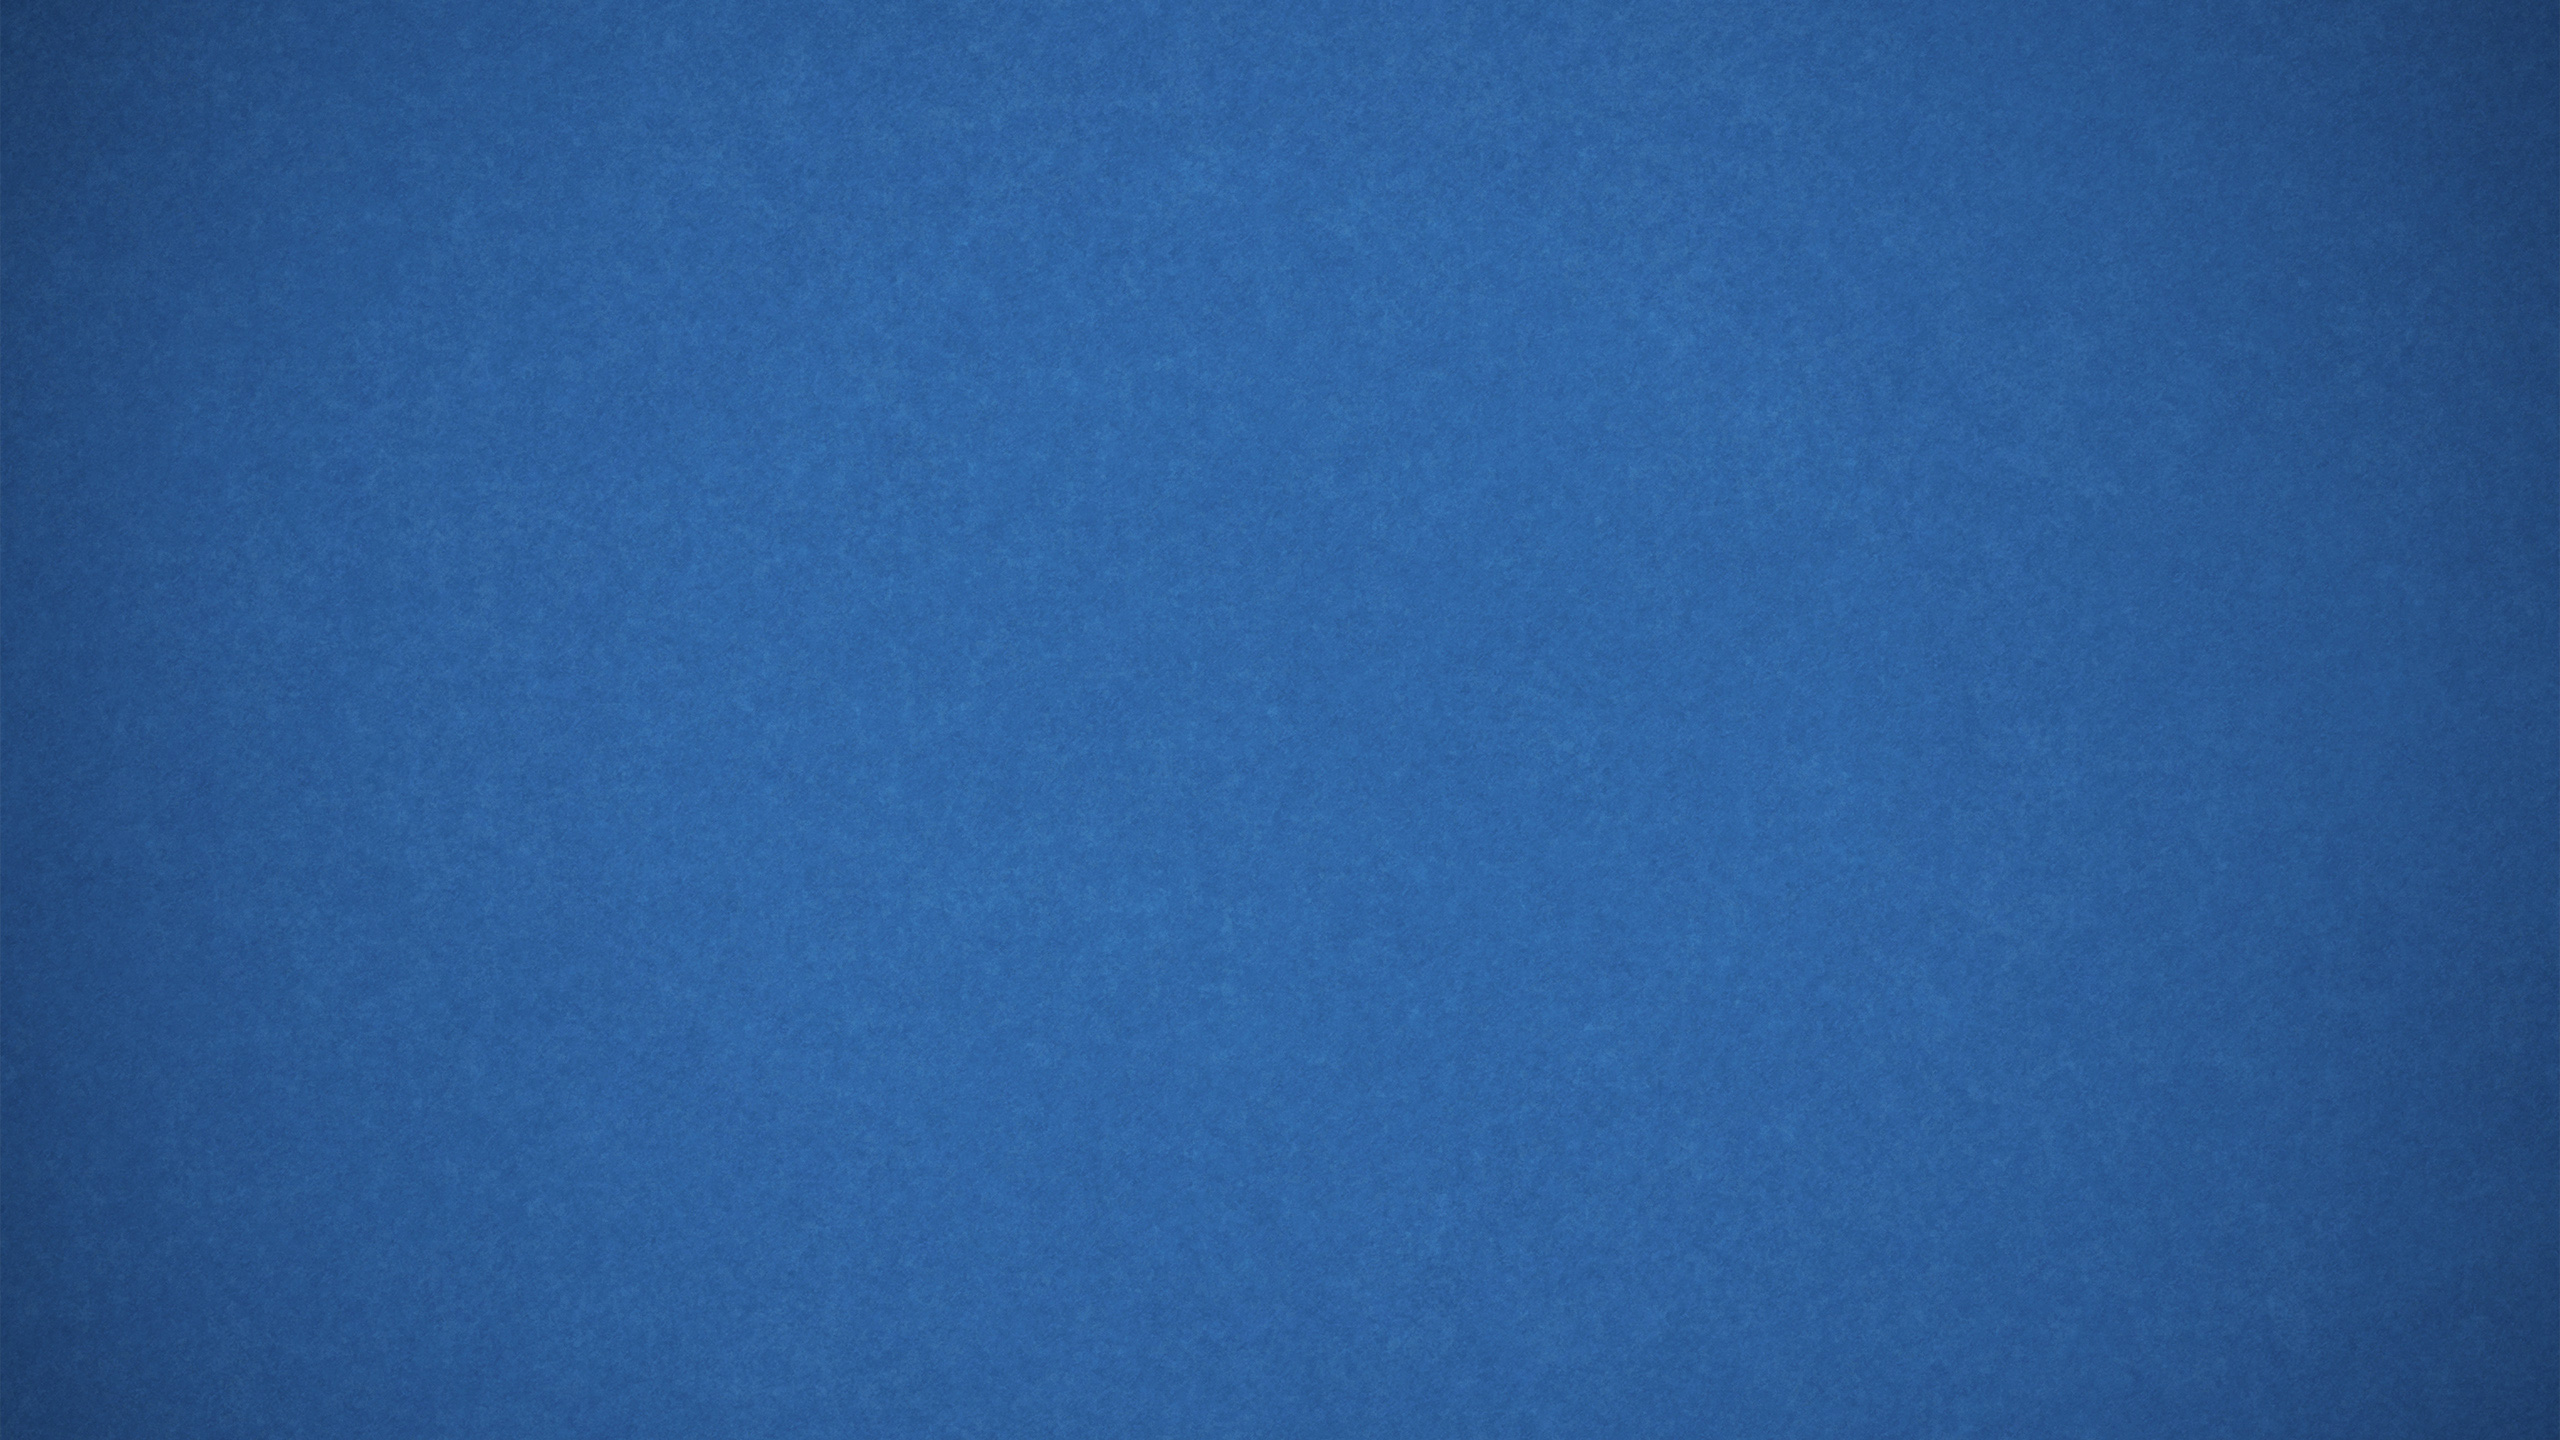 Голубой фон тектура загрузить